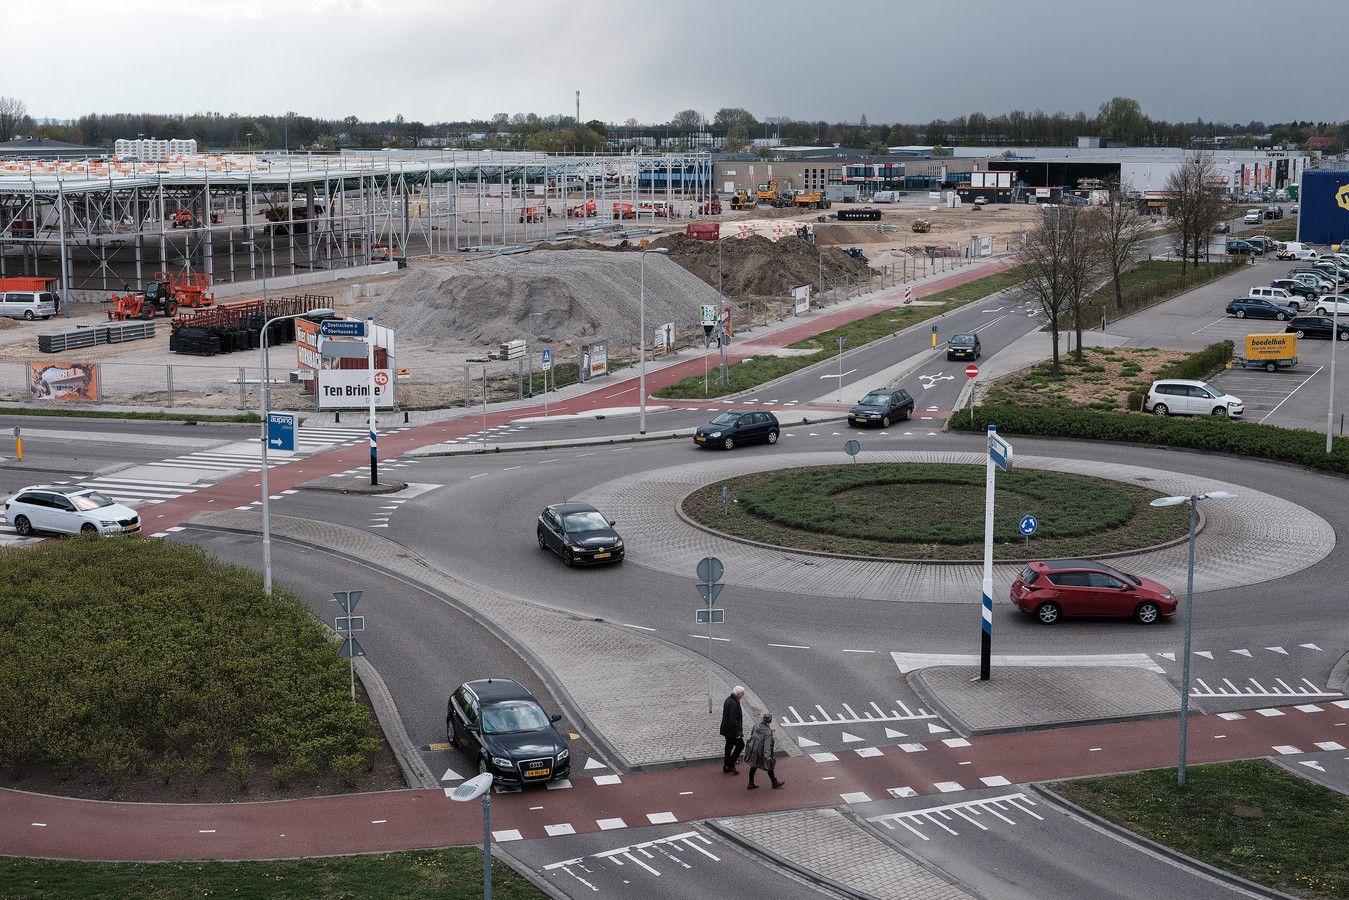 De bouw van de Hornbach in Duiven in april van dit jaar, gezien vanaf het parkeerdek van de Ikea. Foto : Jan Ruland van den Brink